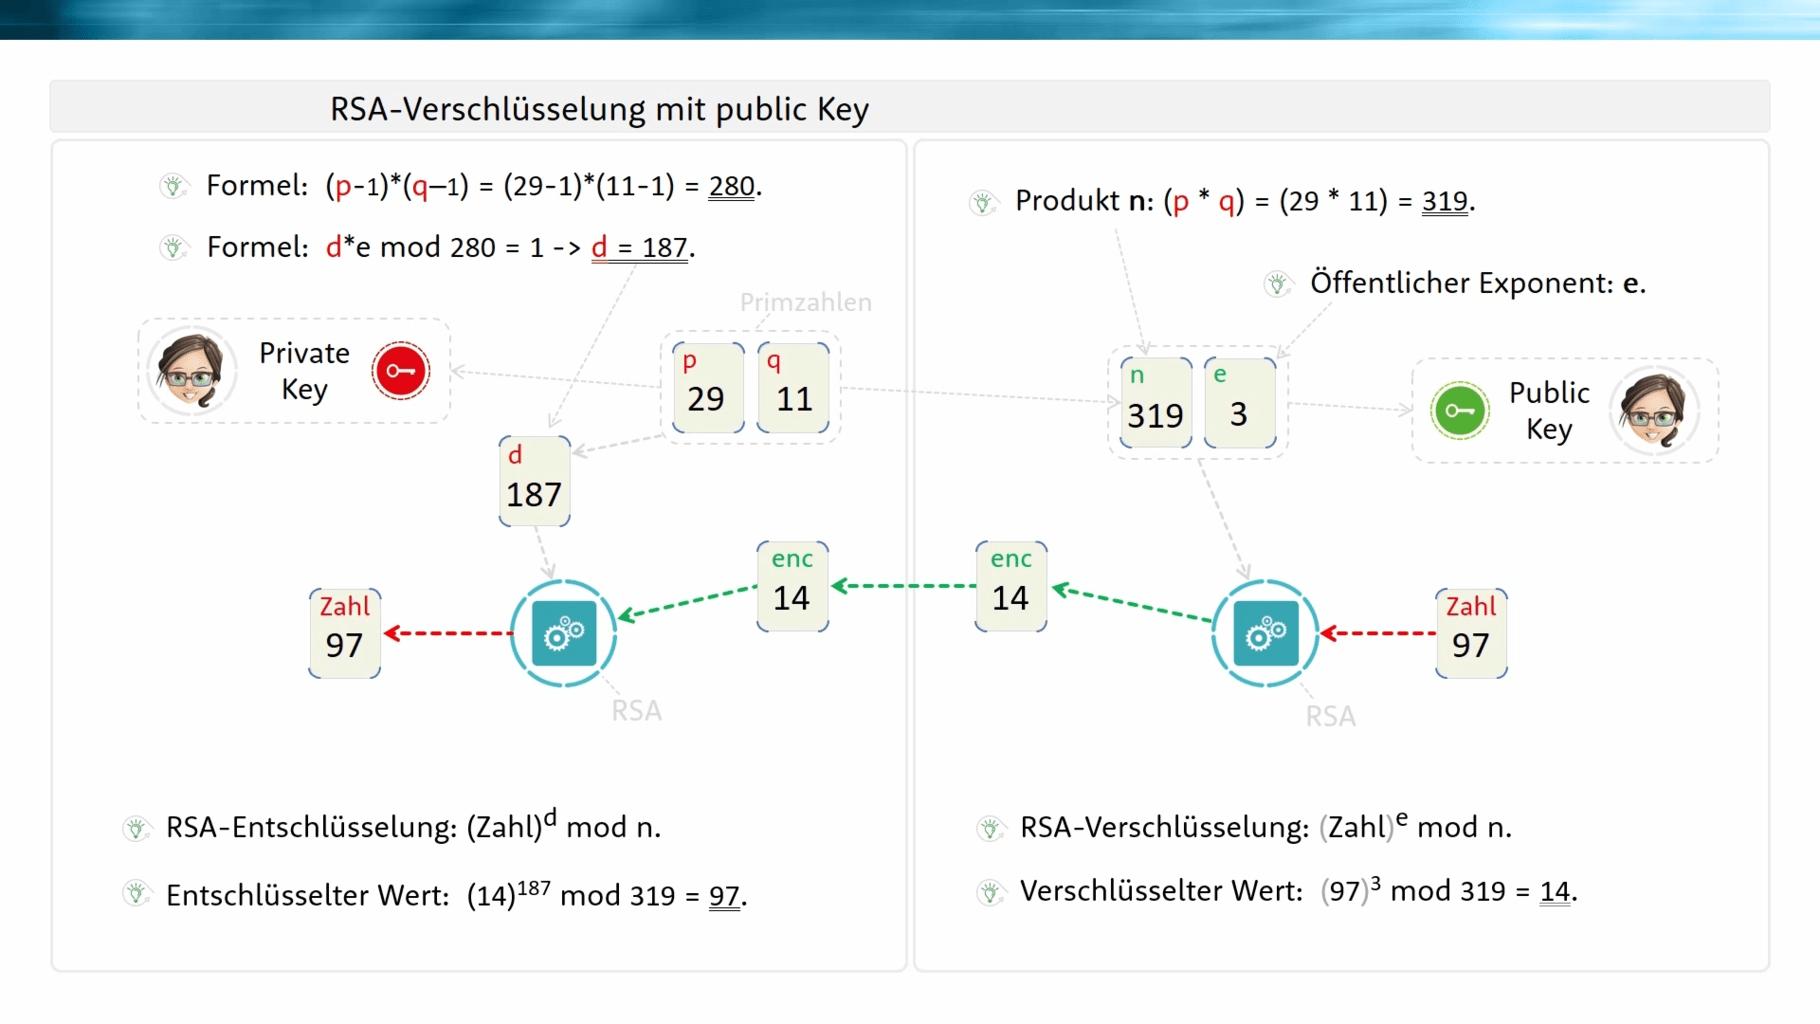 RSA-Berechnungen Formeln